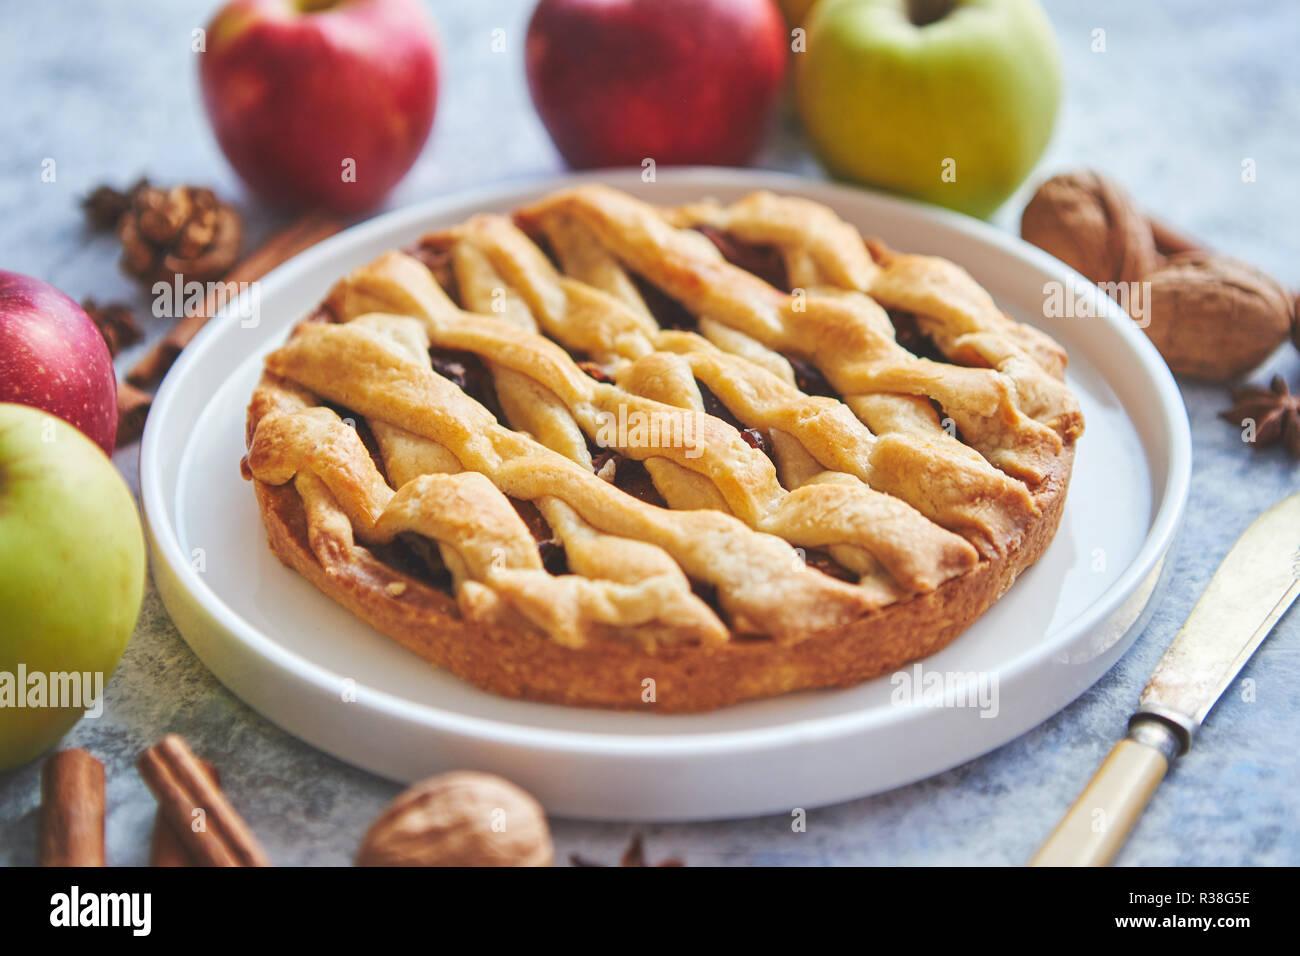 Tarta de manzana casera dulce sabroso pastel con palitos de canela, nueces y manzanas Foto de stock